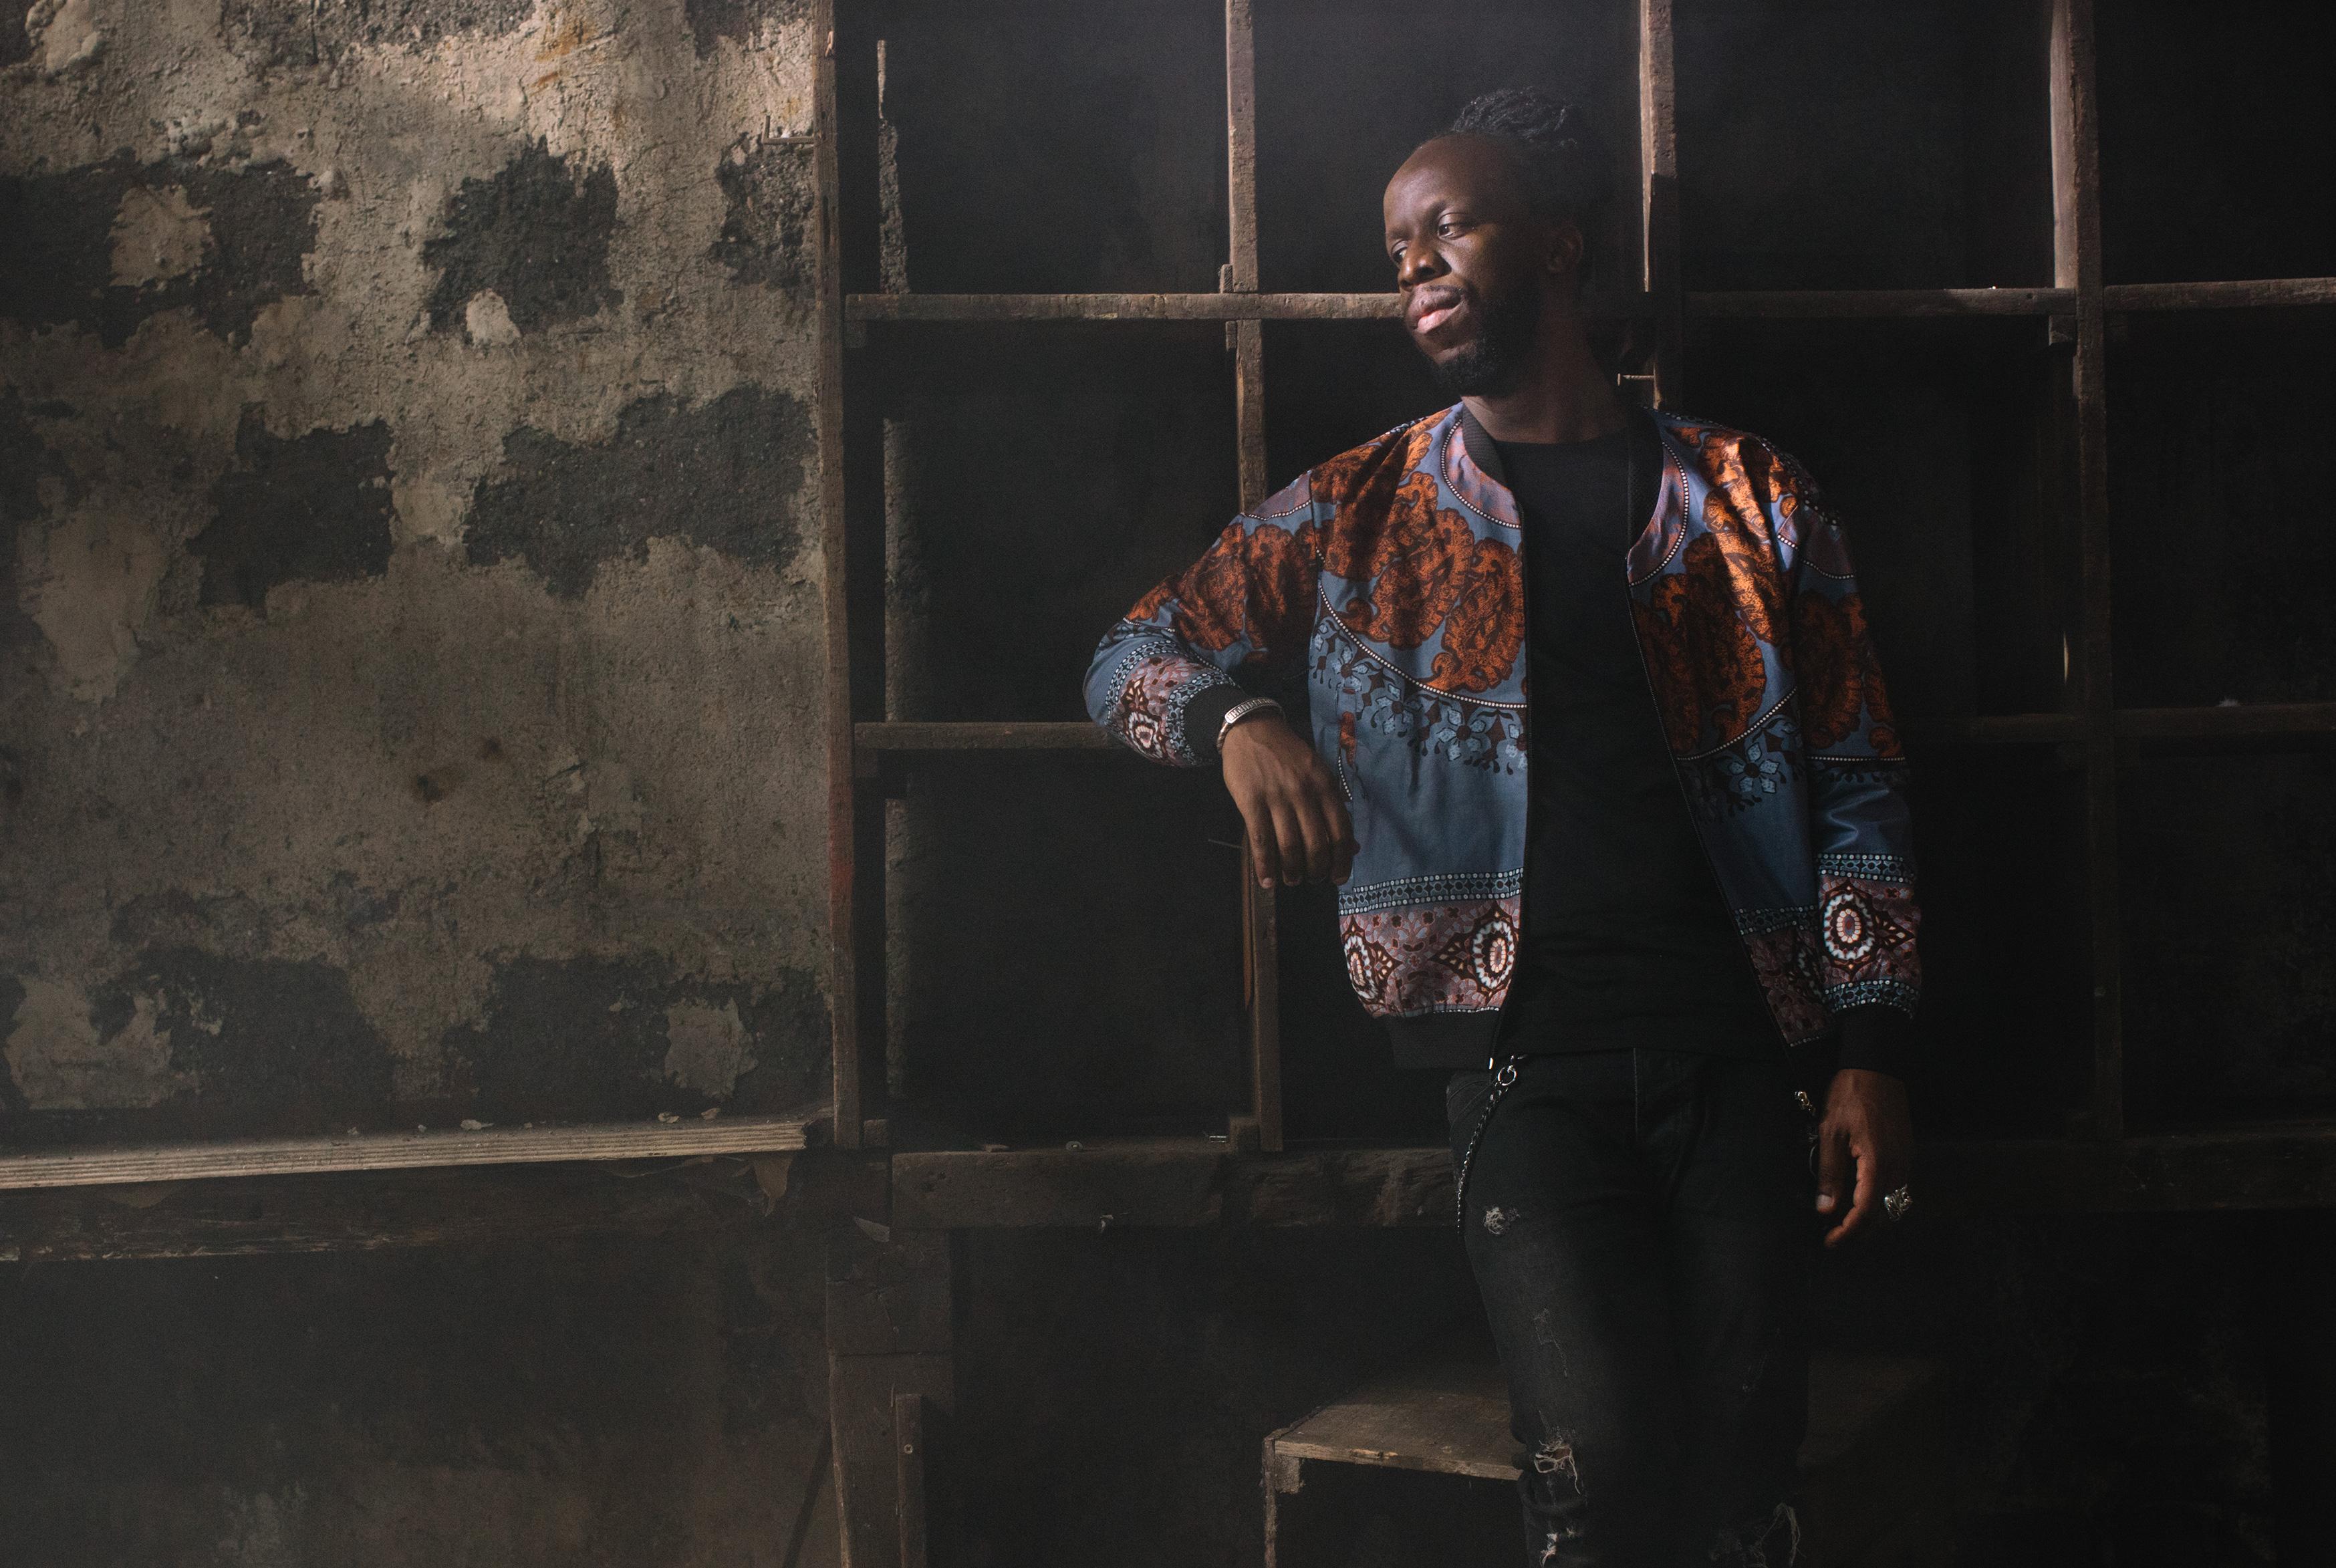 Youssoupha en concert pour le festival Voix de fête